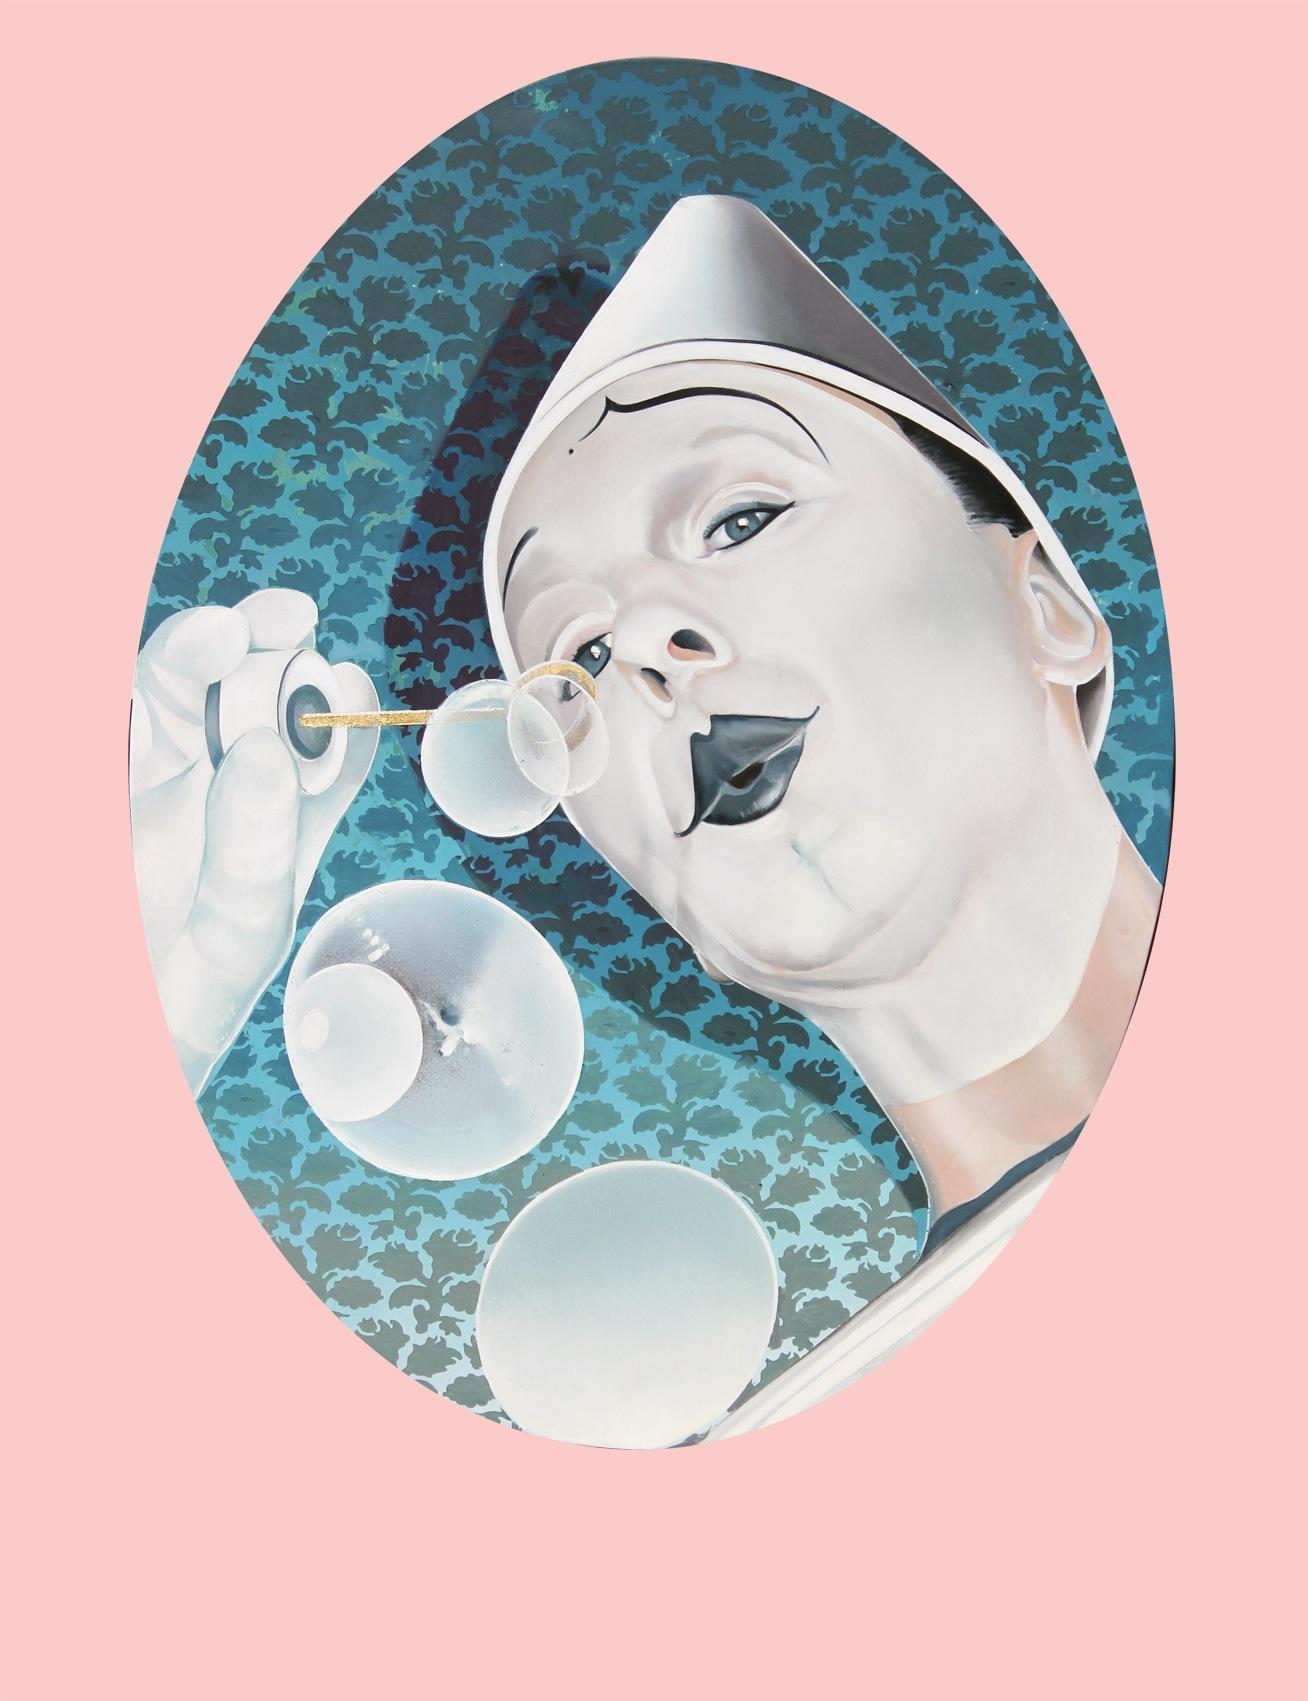 Luca Suelzu, ABRACADABRA 1, 2015, 90x60, oilo su tela, Courtesy dell'artista